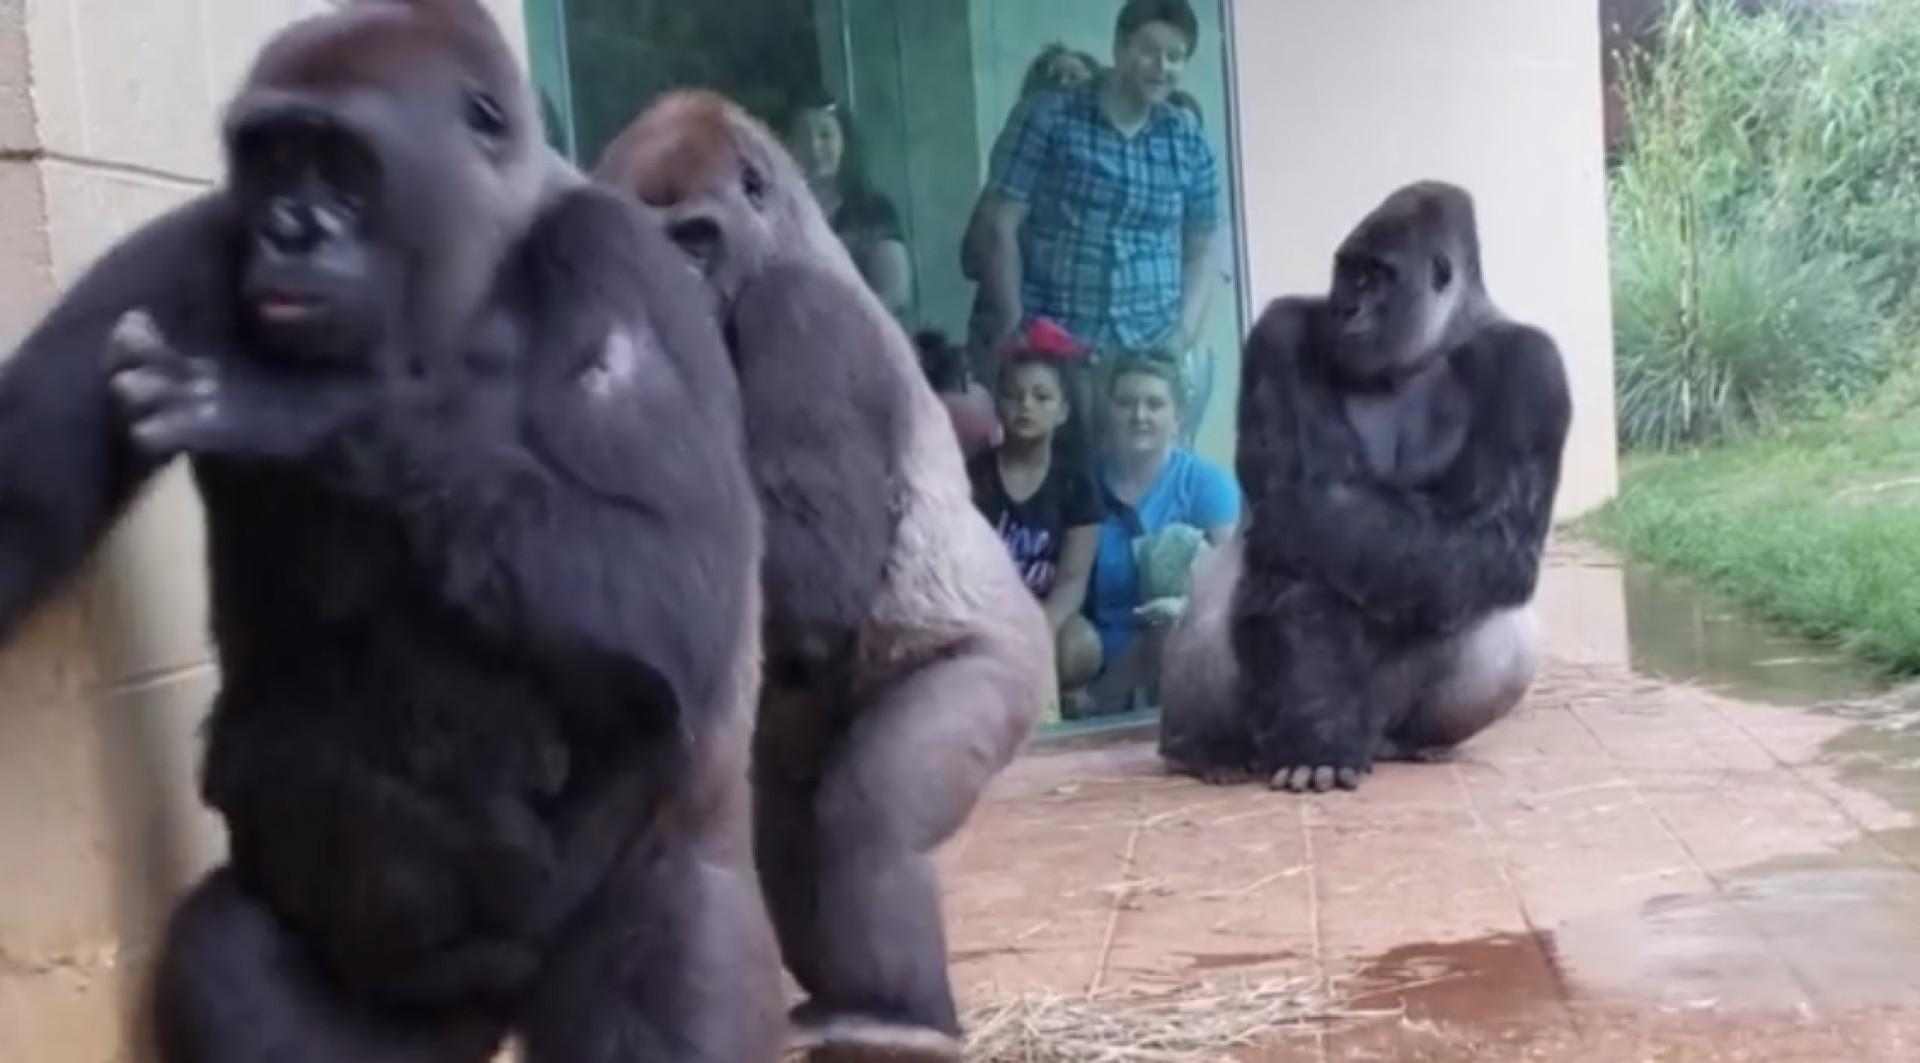 Esta família de gorilas tentou a todo o custo não apanhar chuva